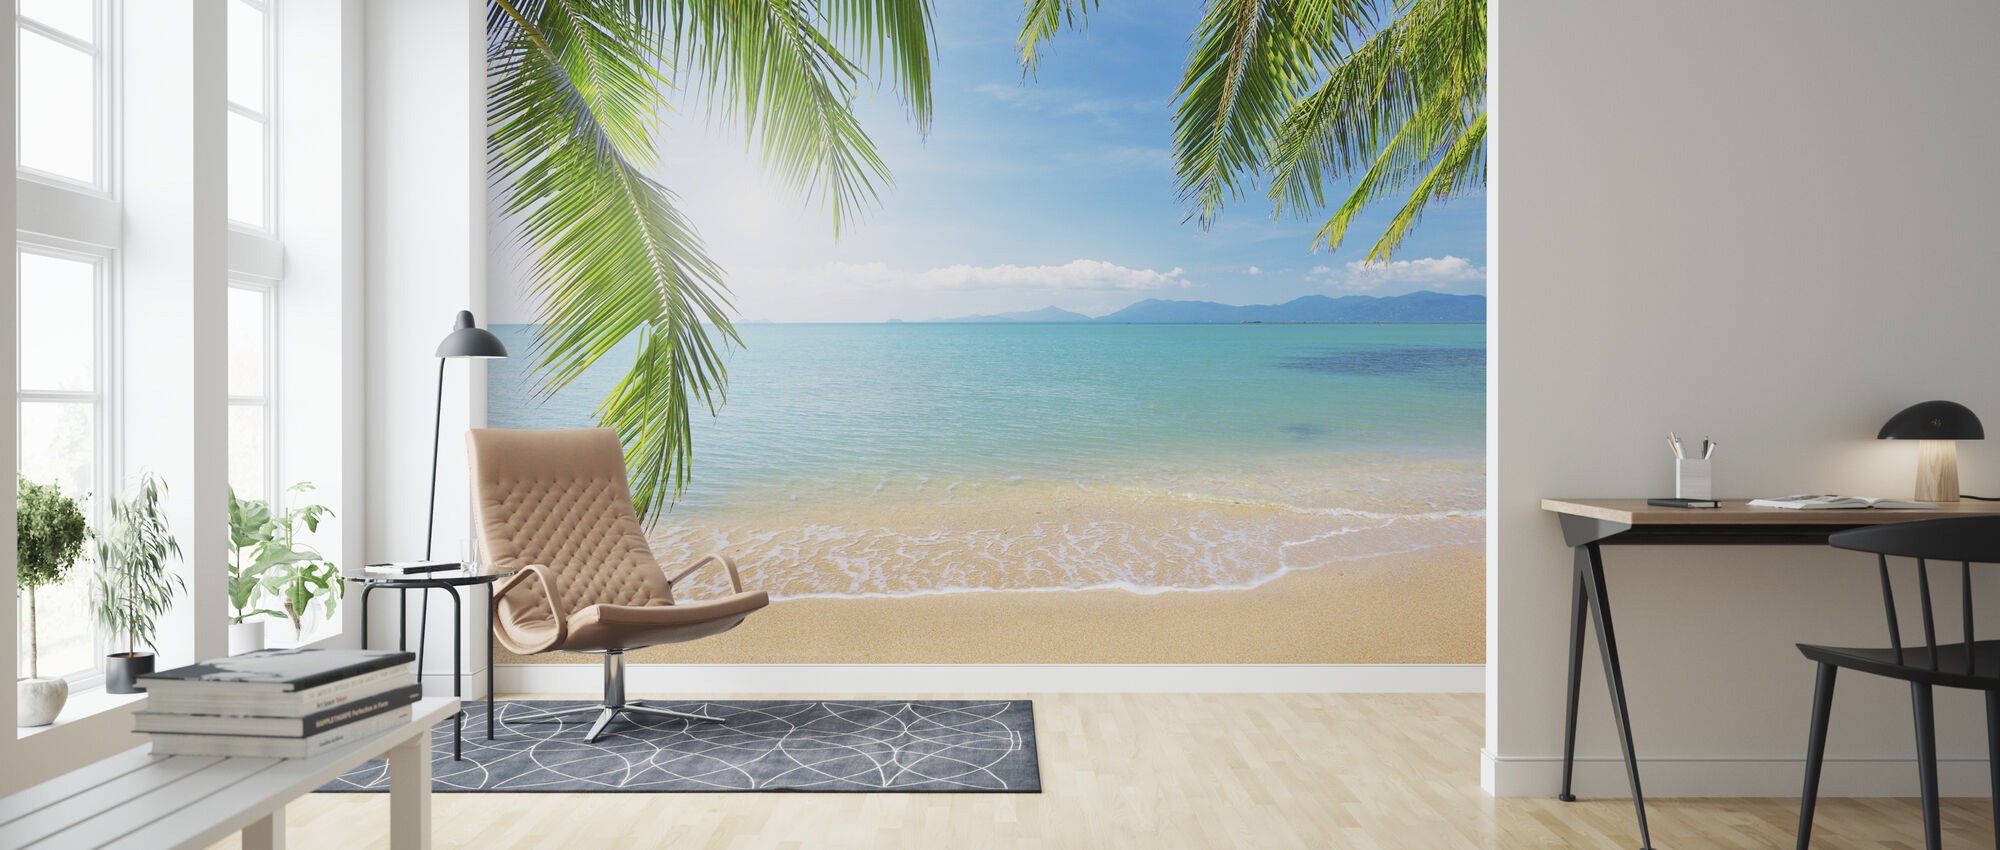 Tropisk utsikt fra under et palmetre - Tapet - Stue